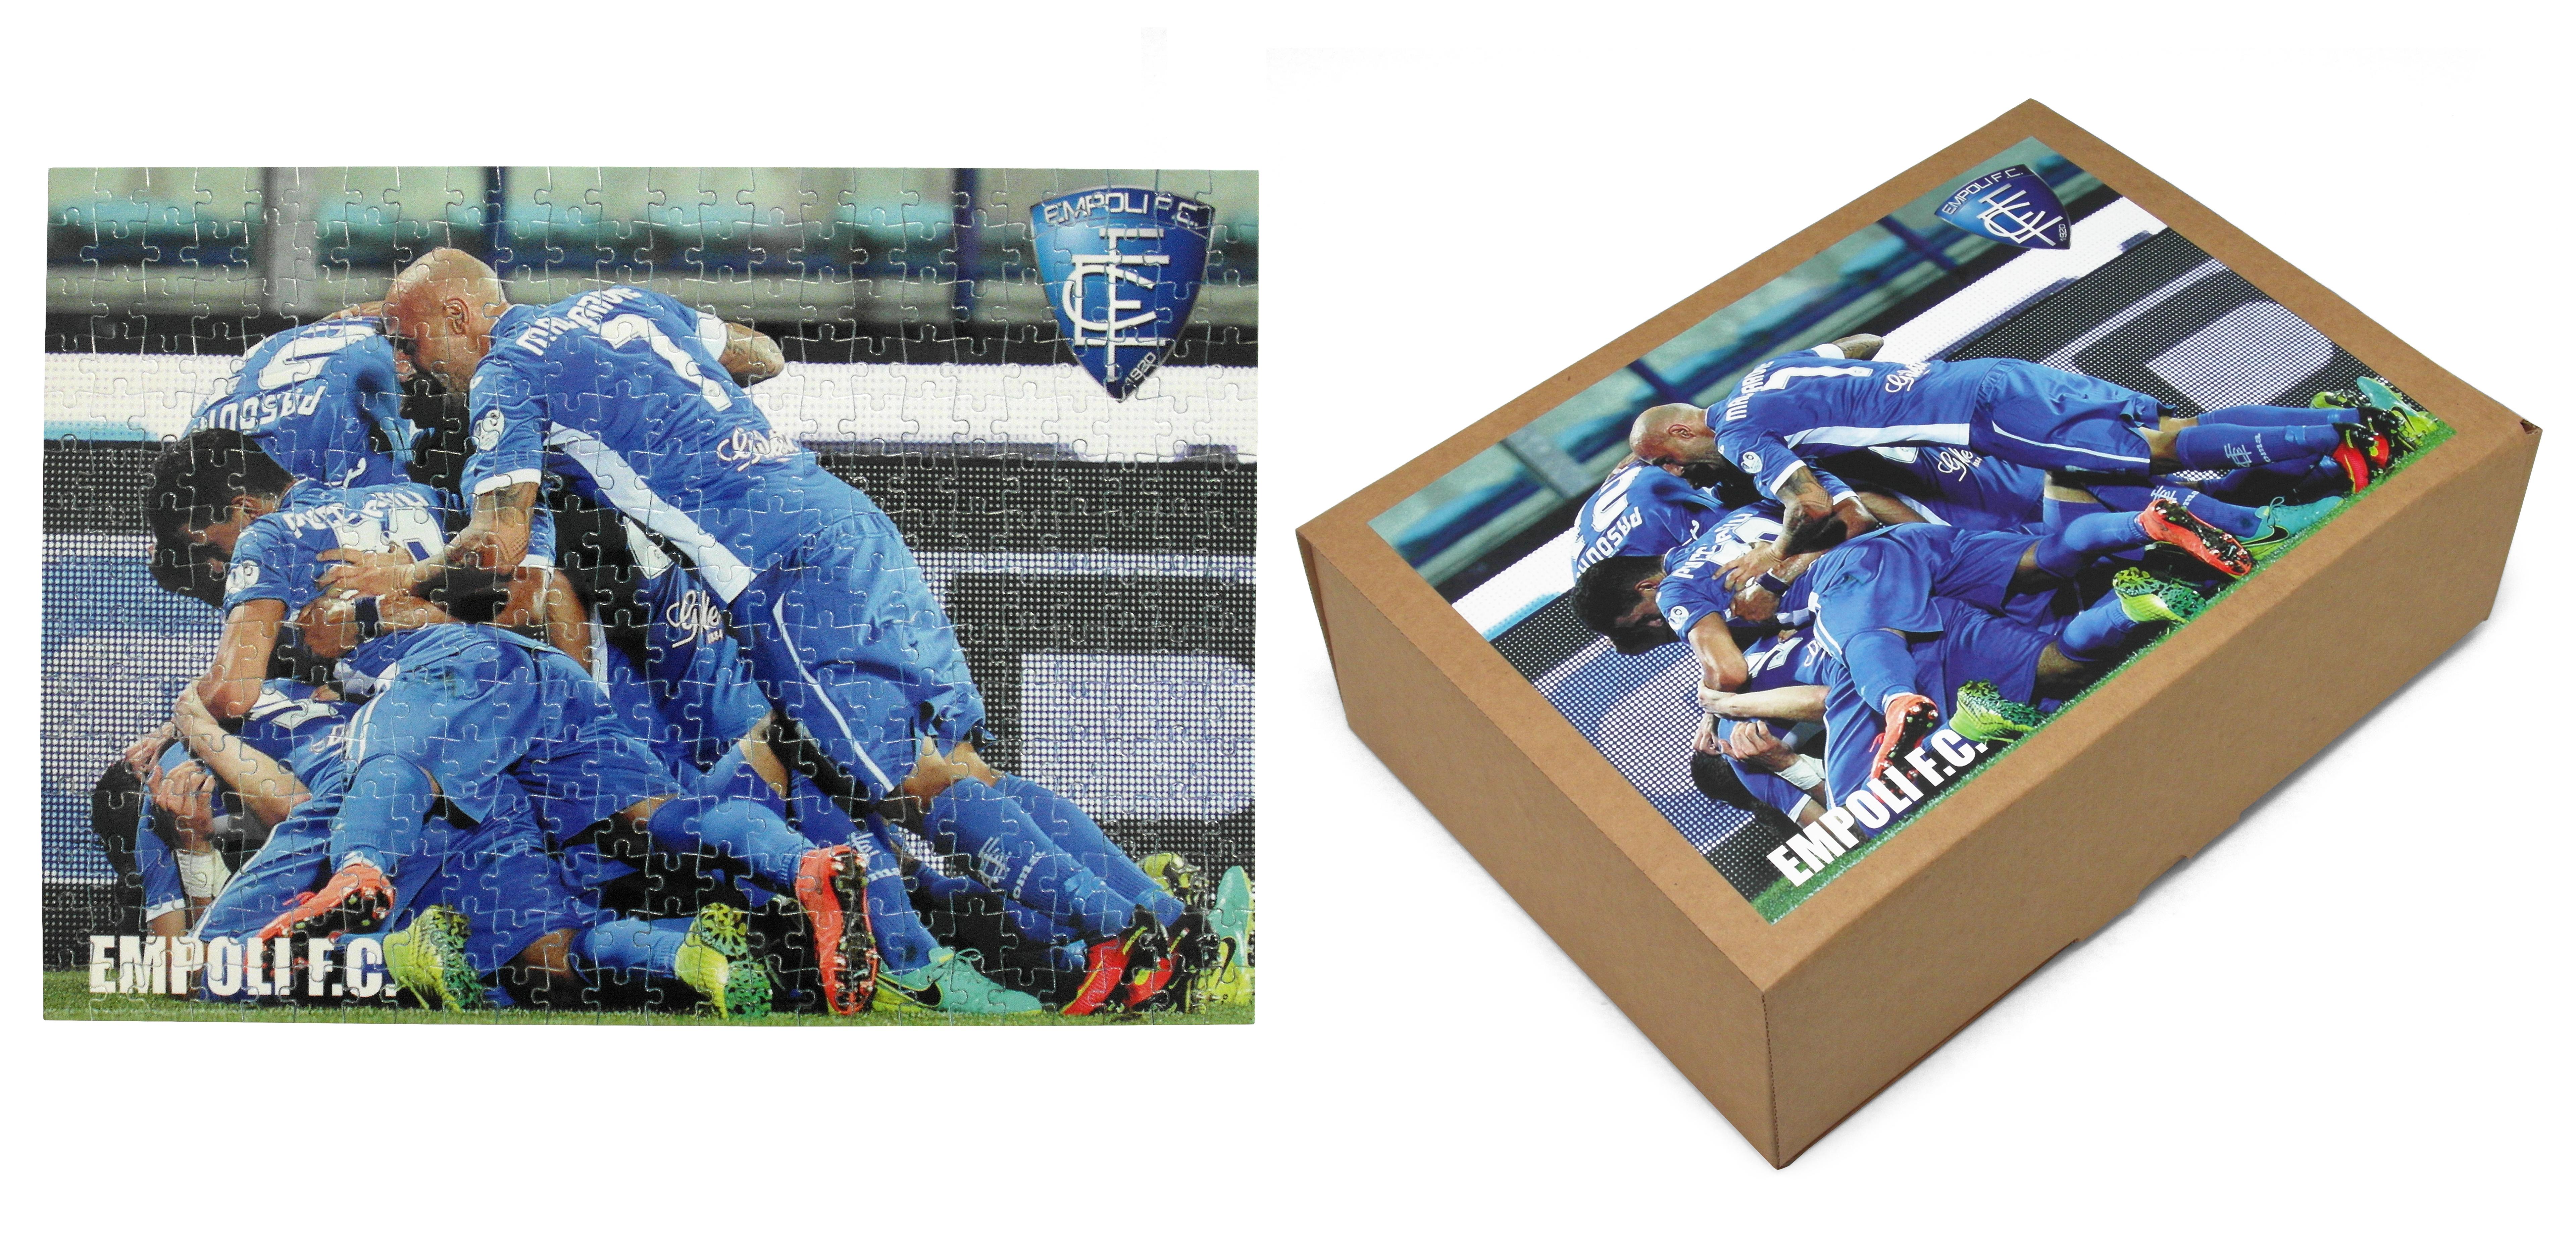 Puzzle personalizzato realizzato per Empoli FC